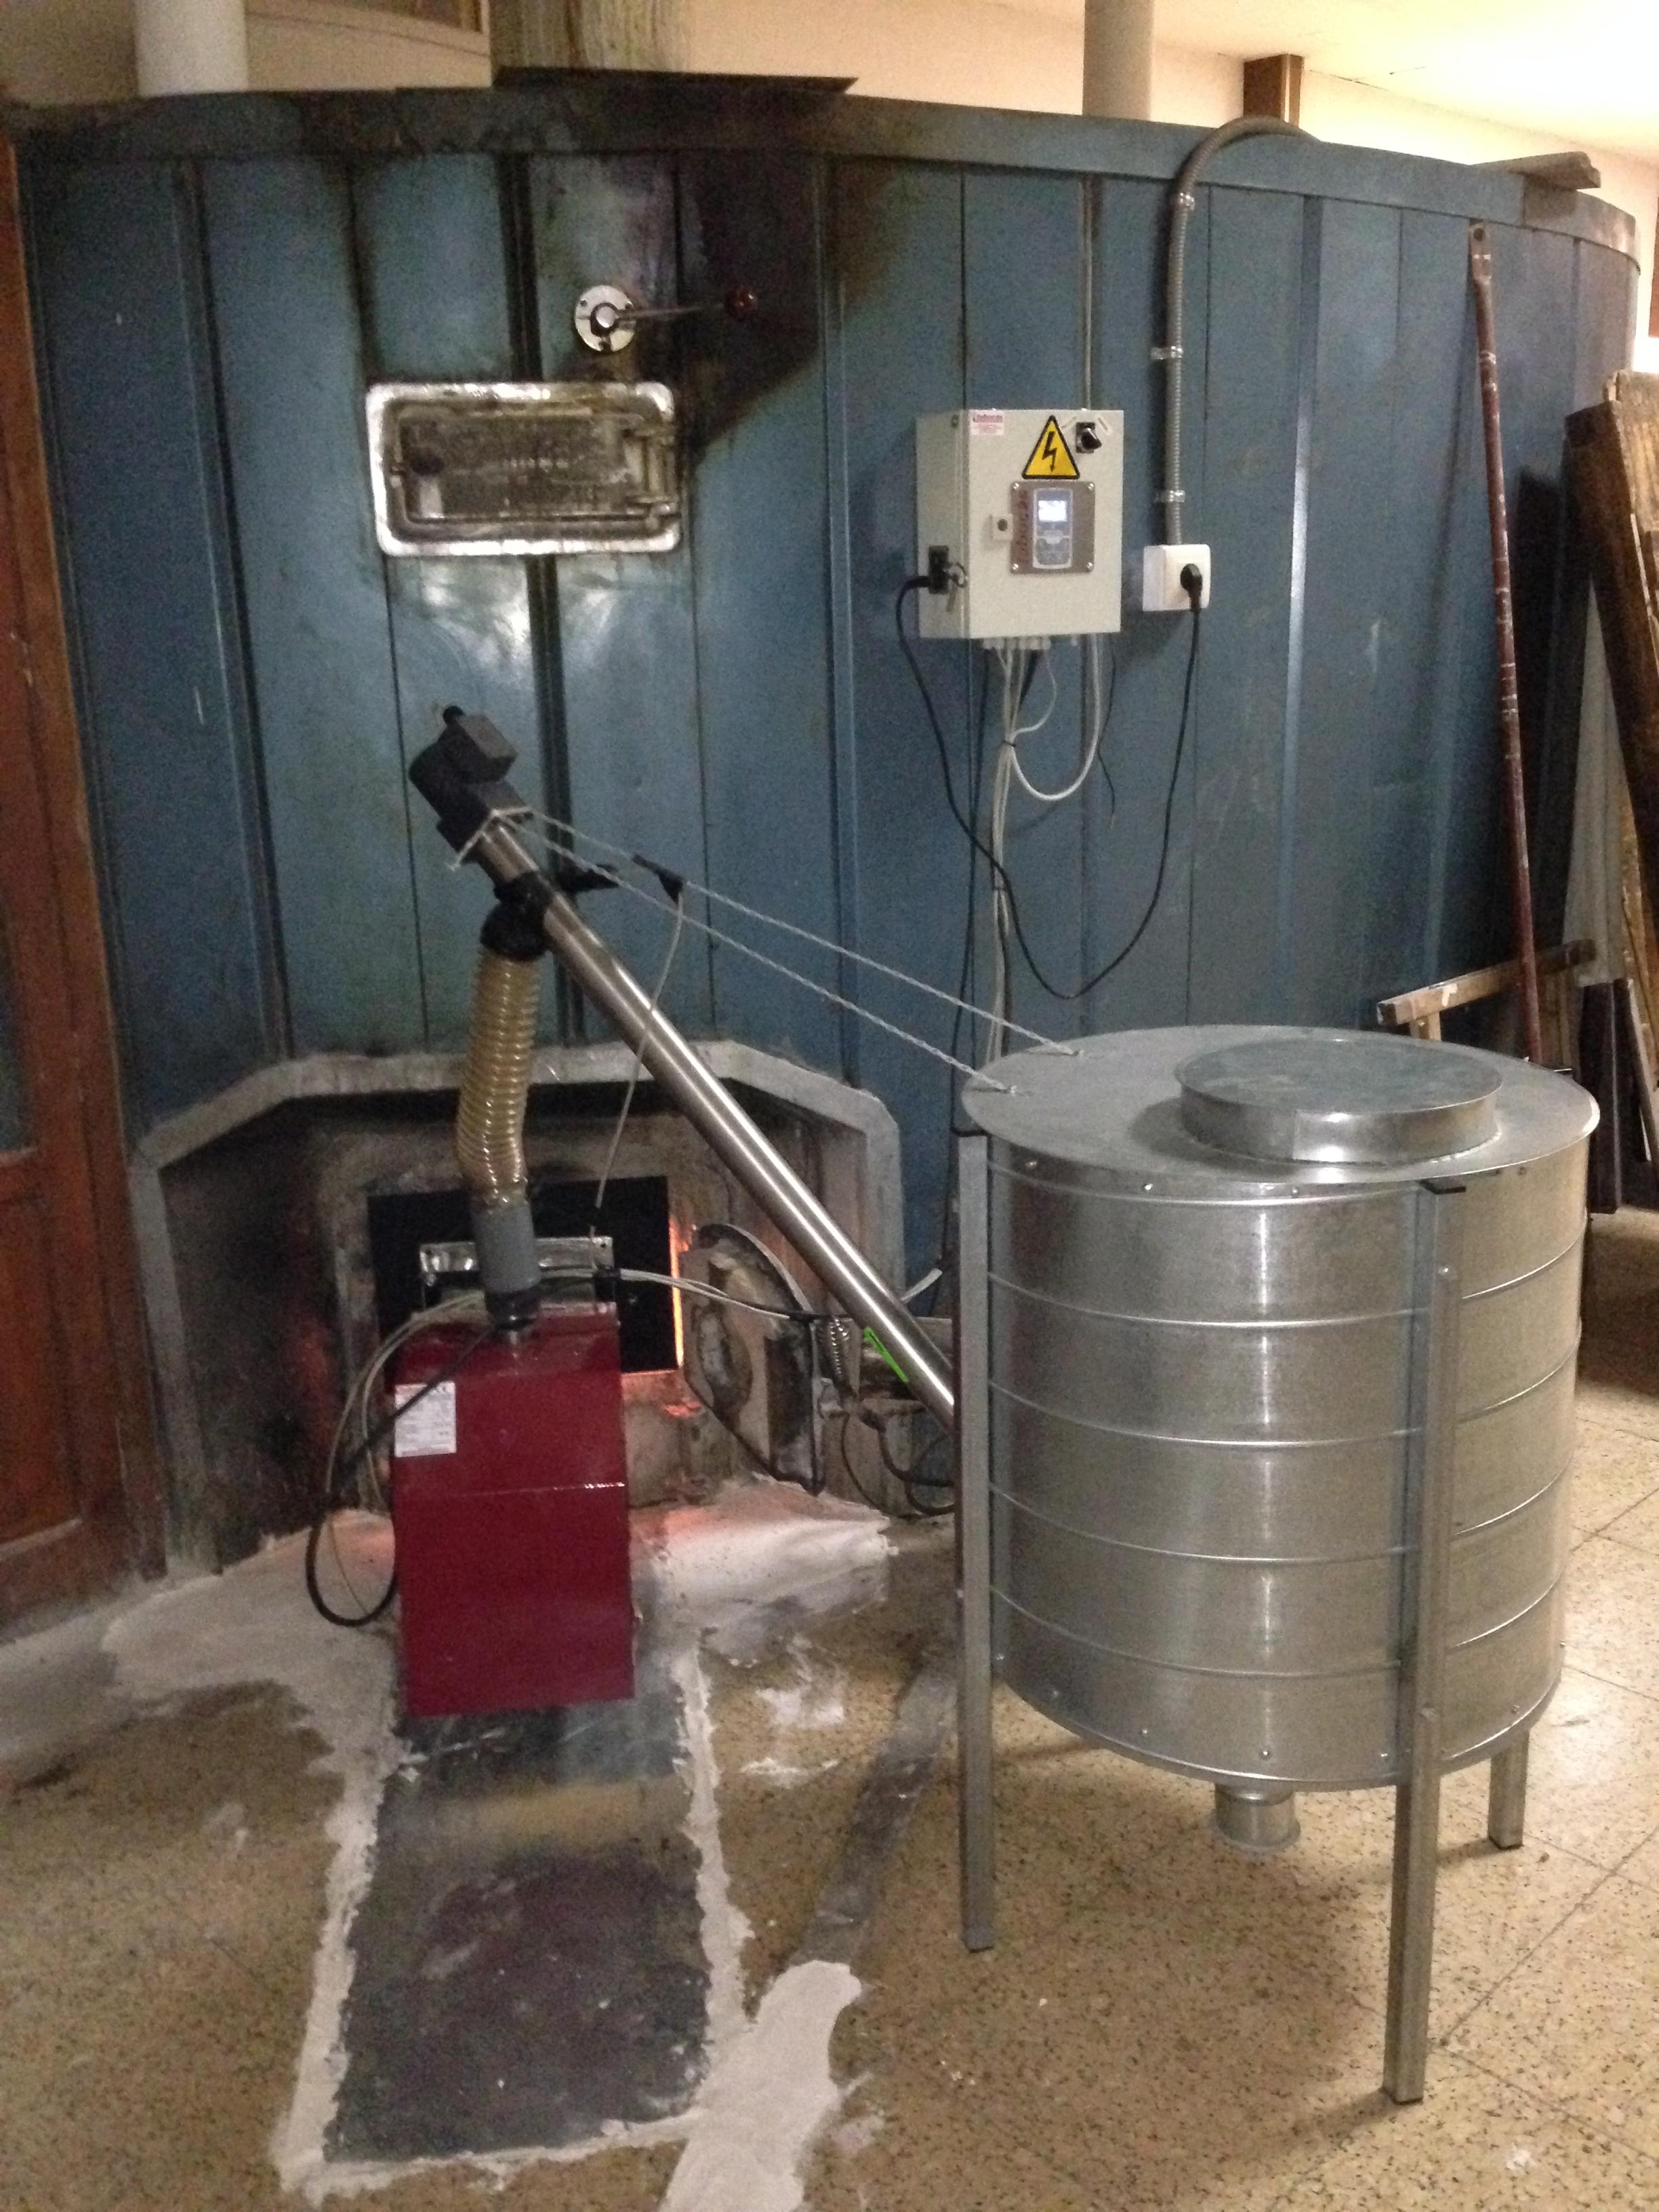 Sustituci n de un quemador de gas leo por uno de biomasa - Compro puertas antiguas ...